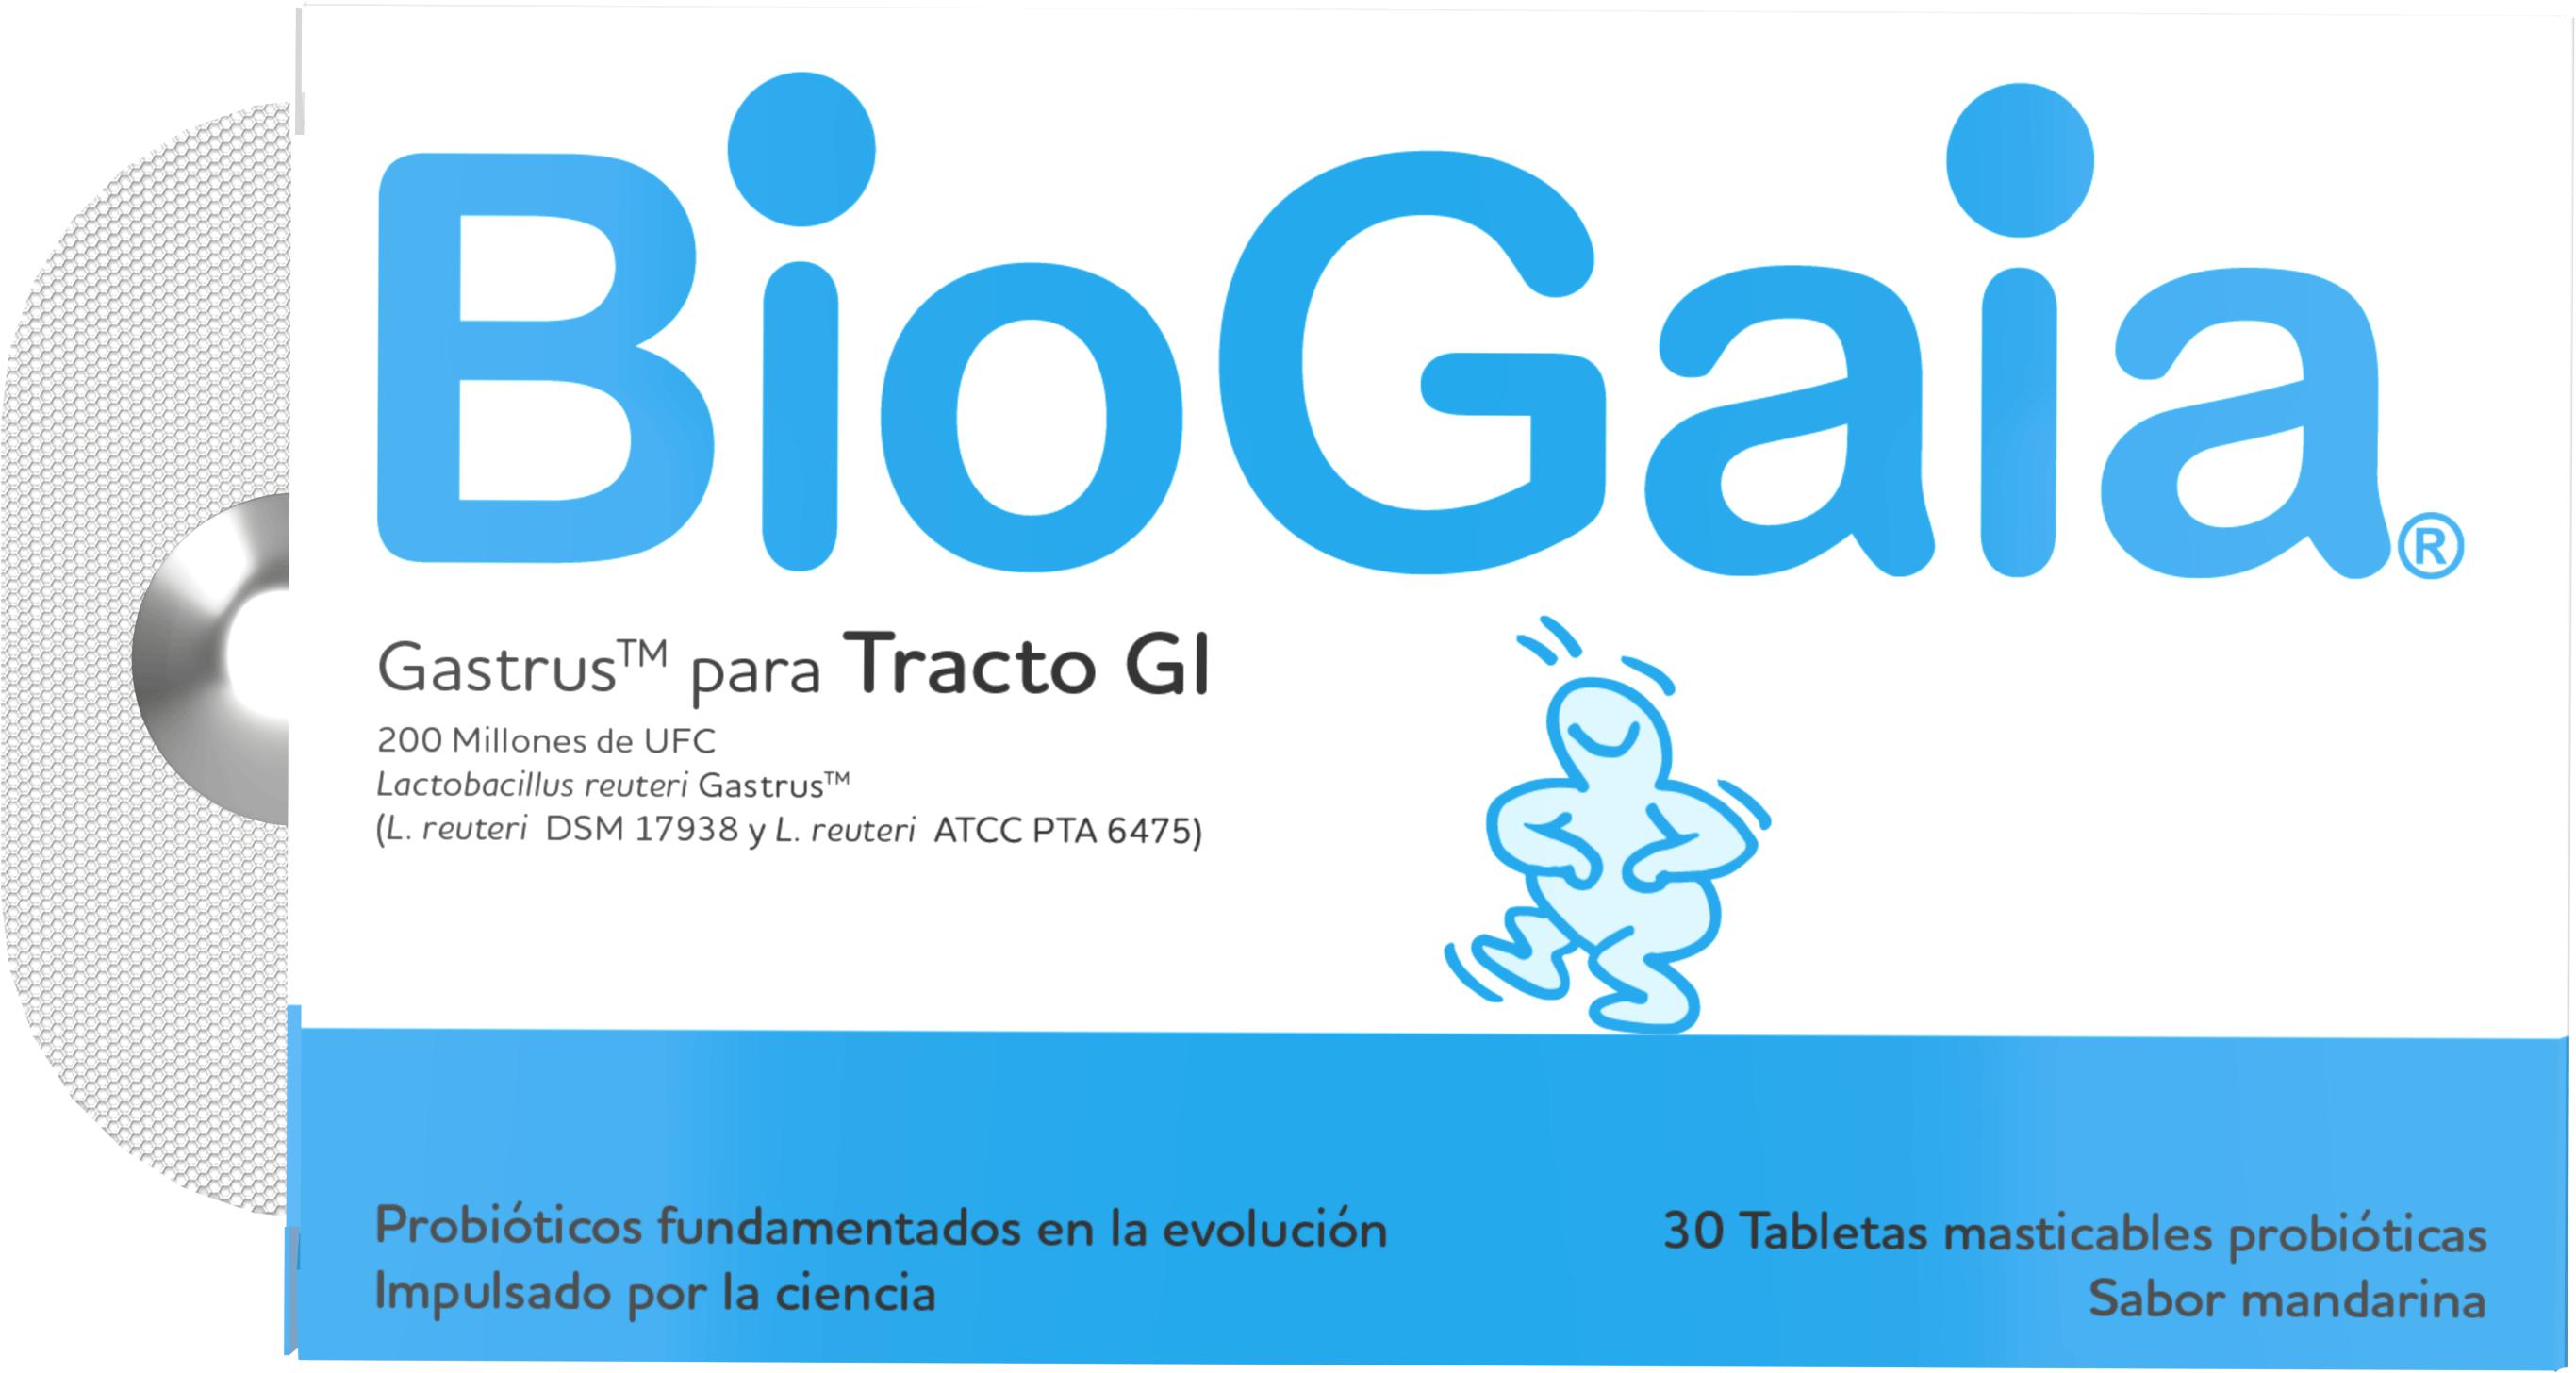 BioGaia Gastrus